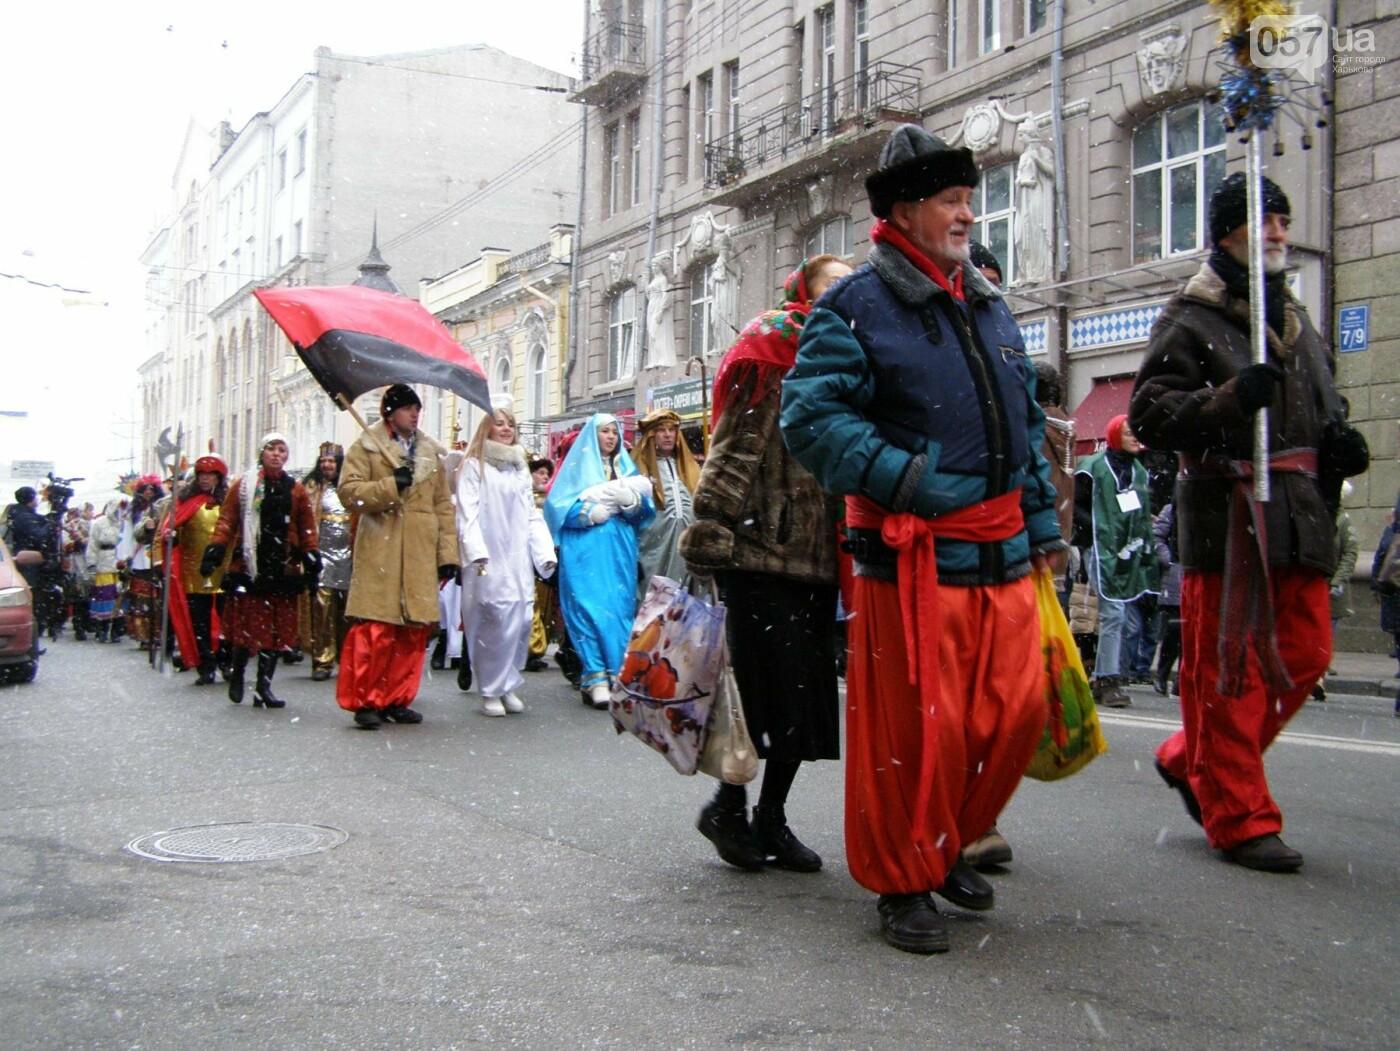 Харьков заполонили ангелы, козы и черти: в городе прошел масштабный фестиваль вертепов (ФОТО), фото-16